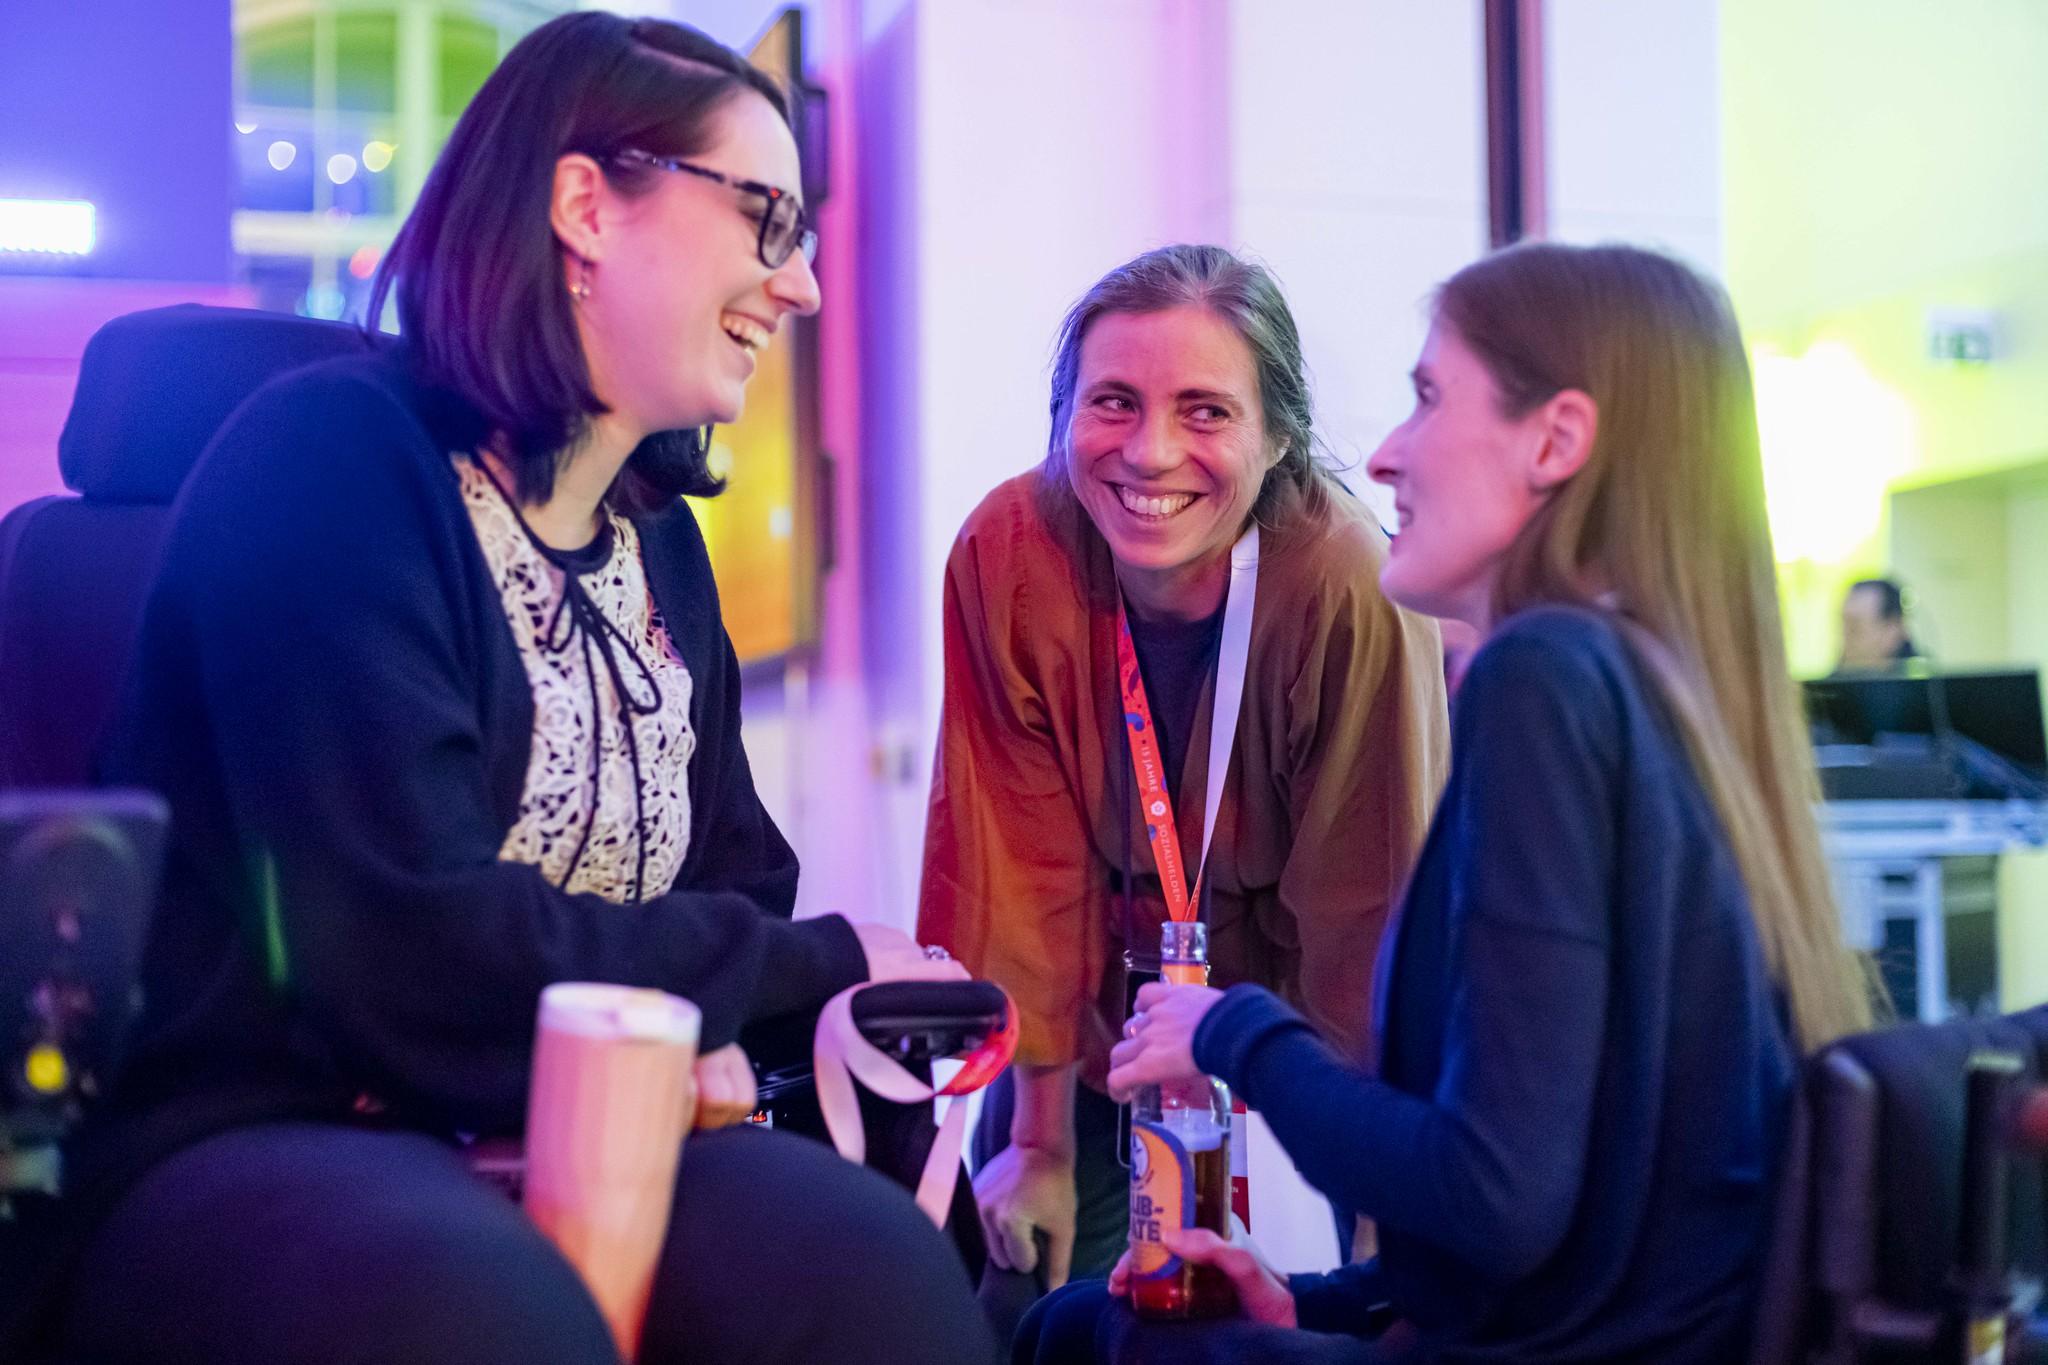 Foto von drei sich unterhaltenden Frauen, zwei im Rollstuhl, alle lächeln